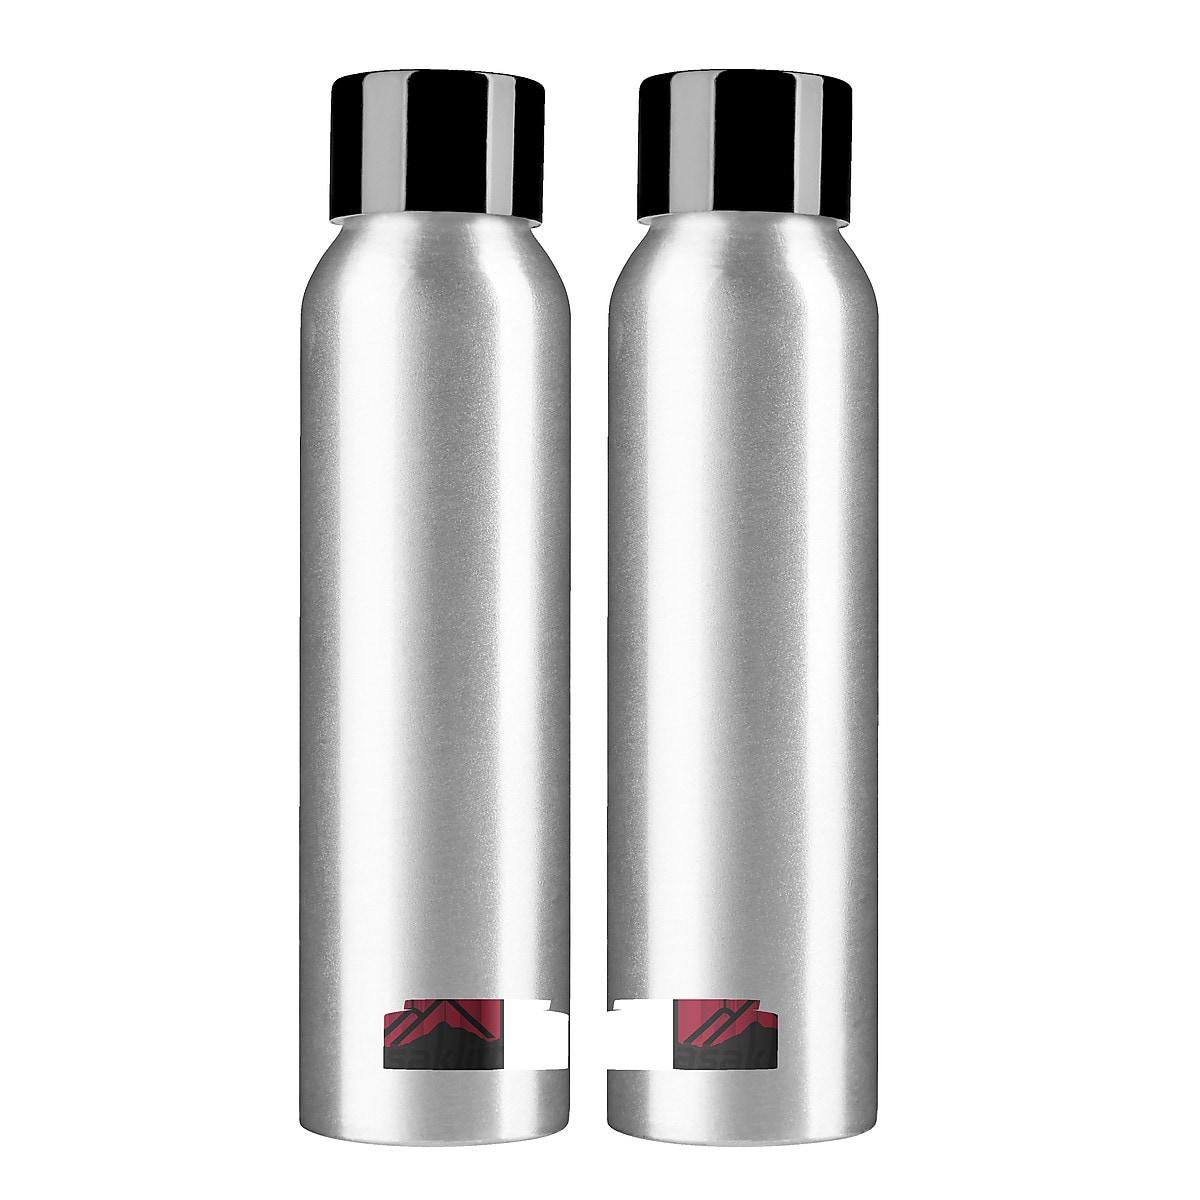 Asaklitt 8-pack reiseflasker